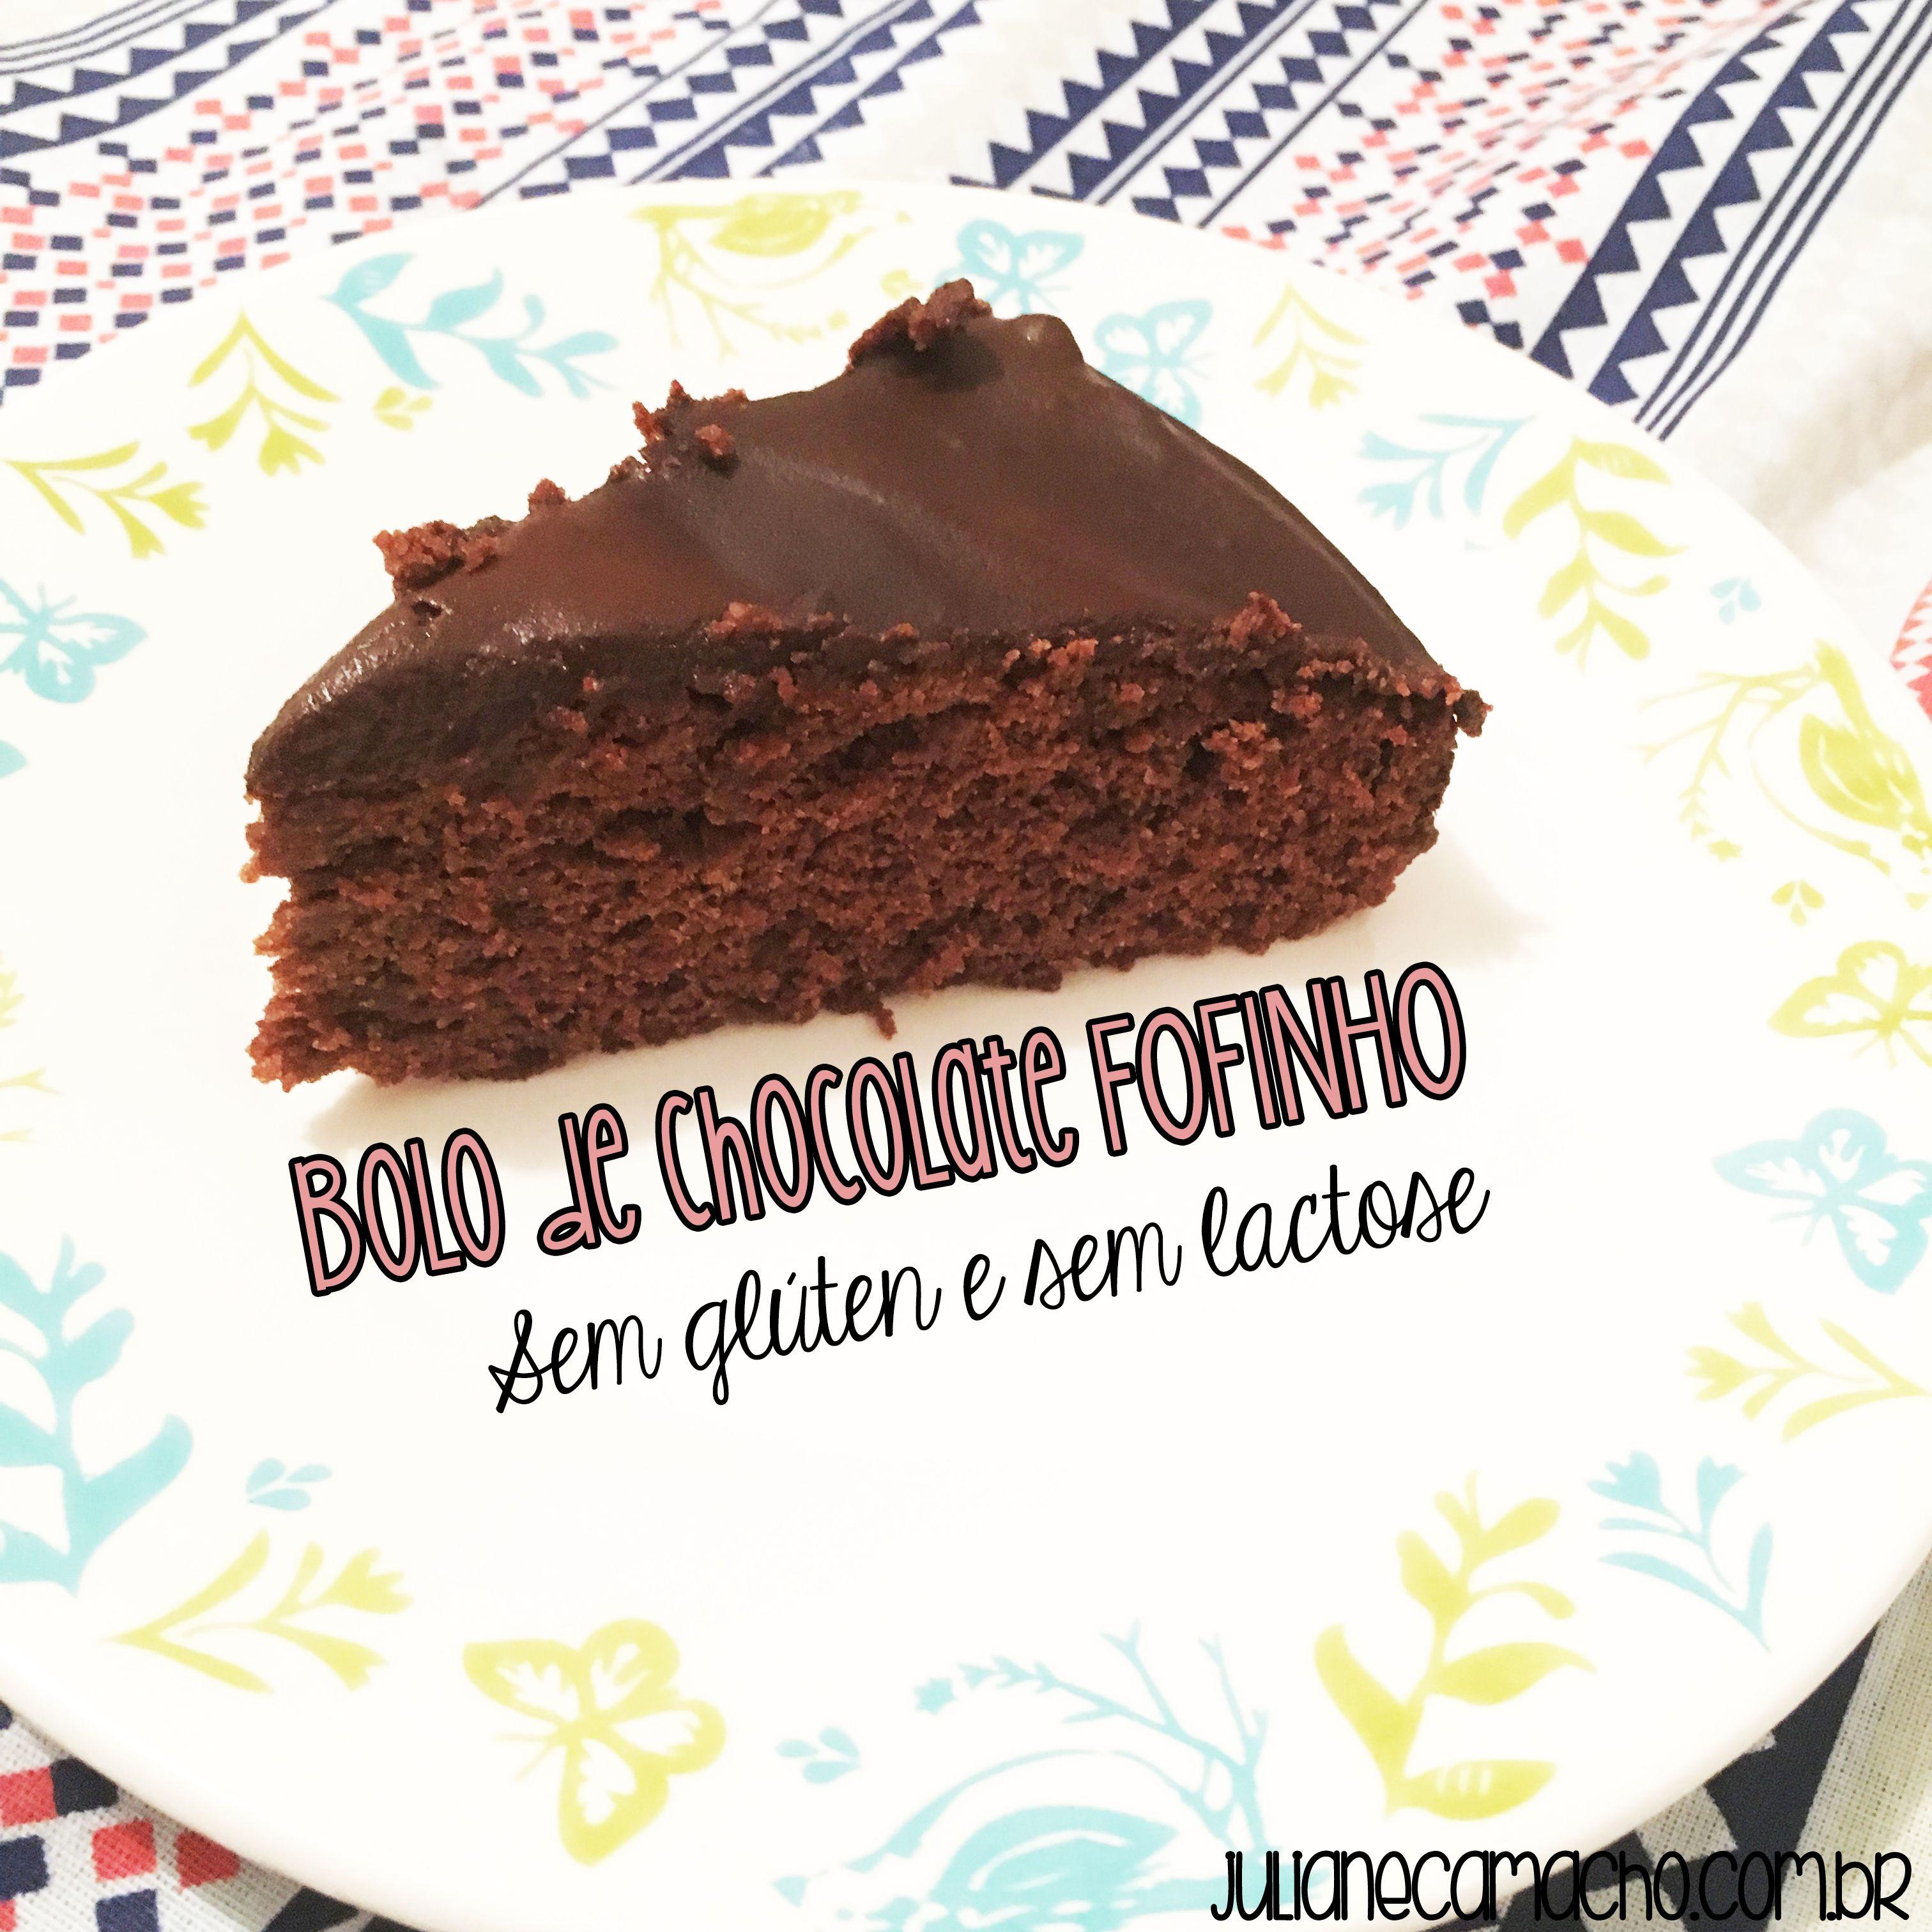 Esta receita eu dedico à todos aqueles que amam um bolo de chocolate fofinho! Afinal, não existe coisa que mais lembre casa de mãe e vó do que isso né?